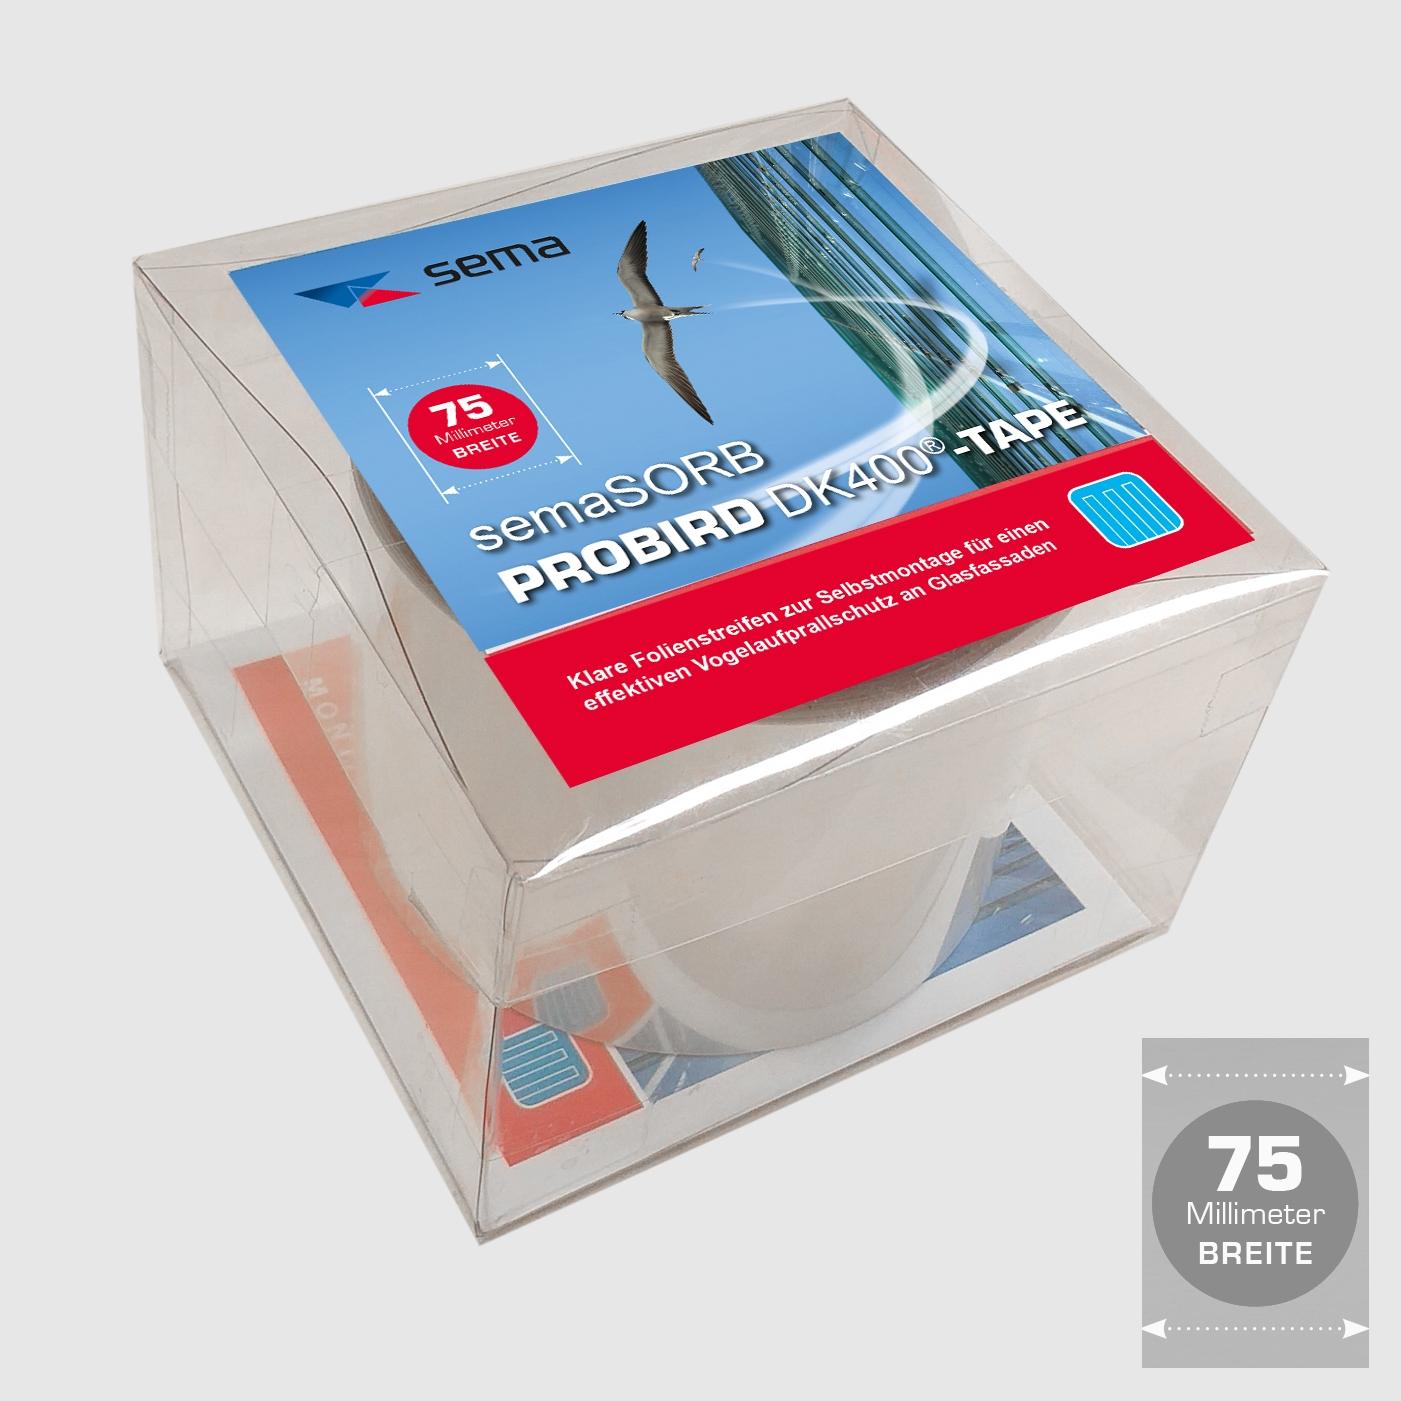 Vogelschutzstreifen semaSORB PROBIRD DK400 Tape, 75mm breit